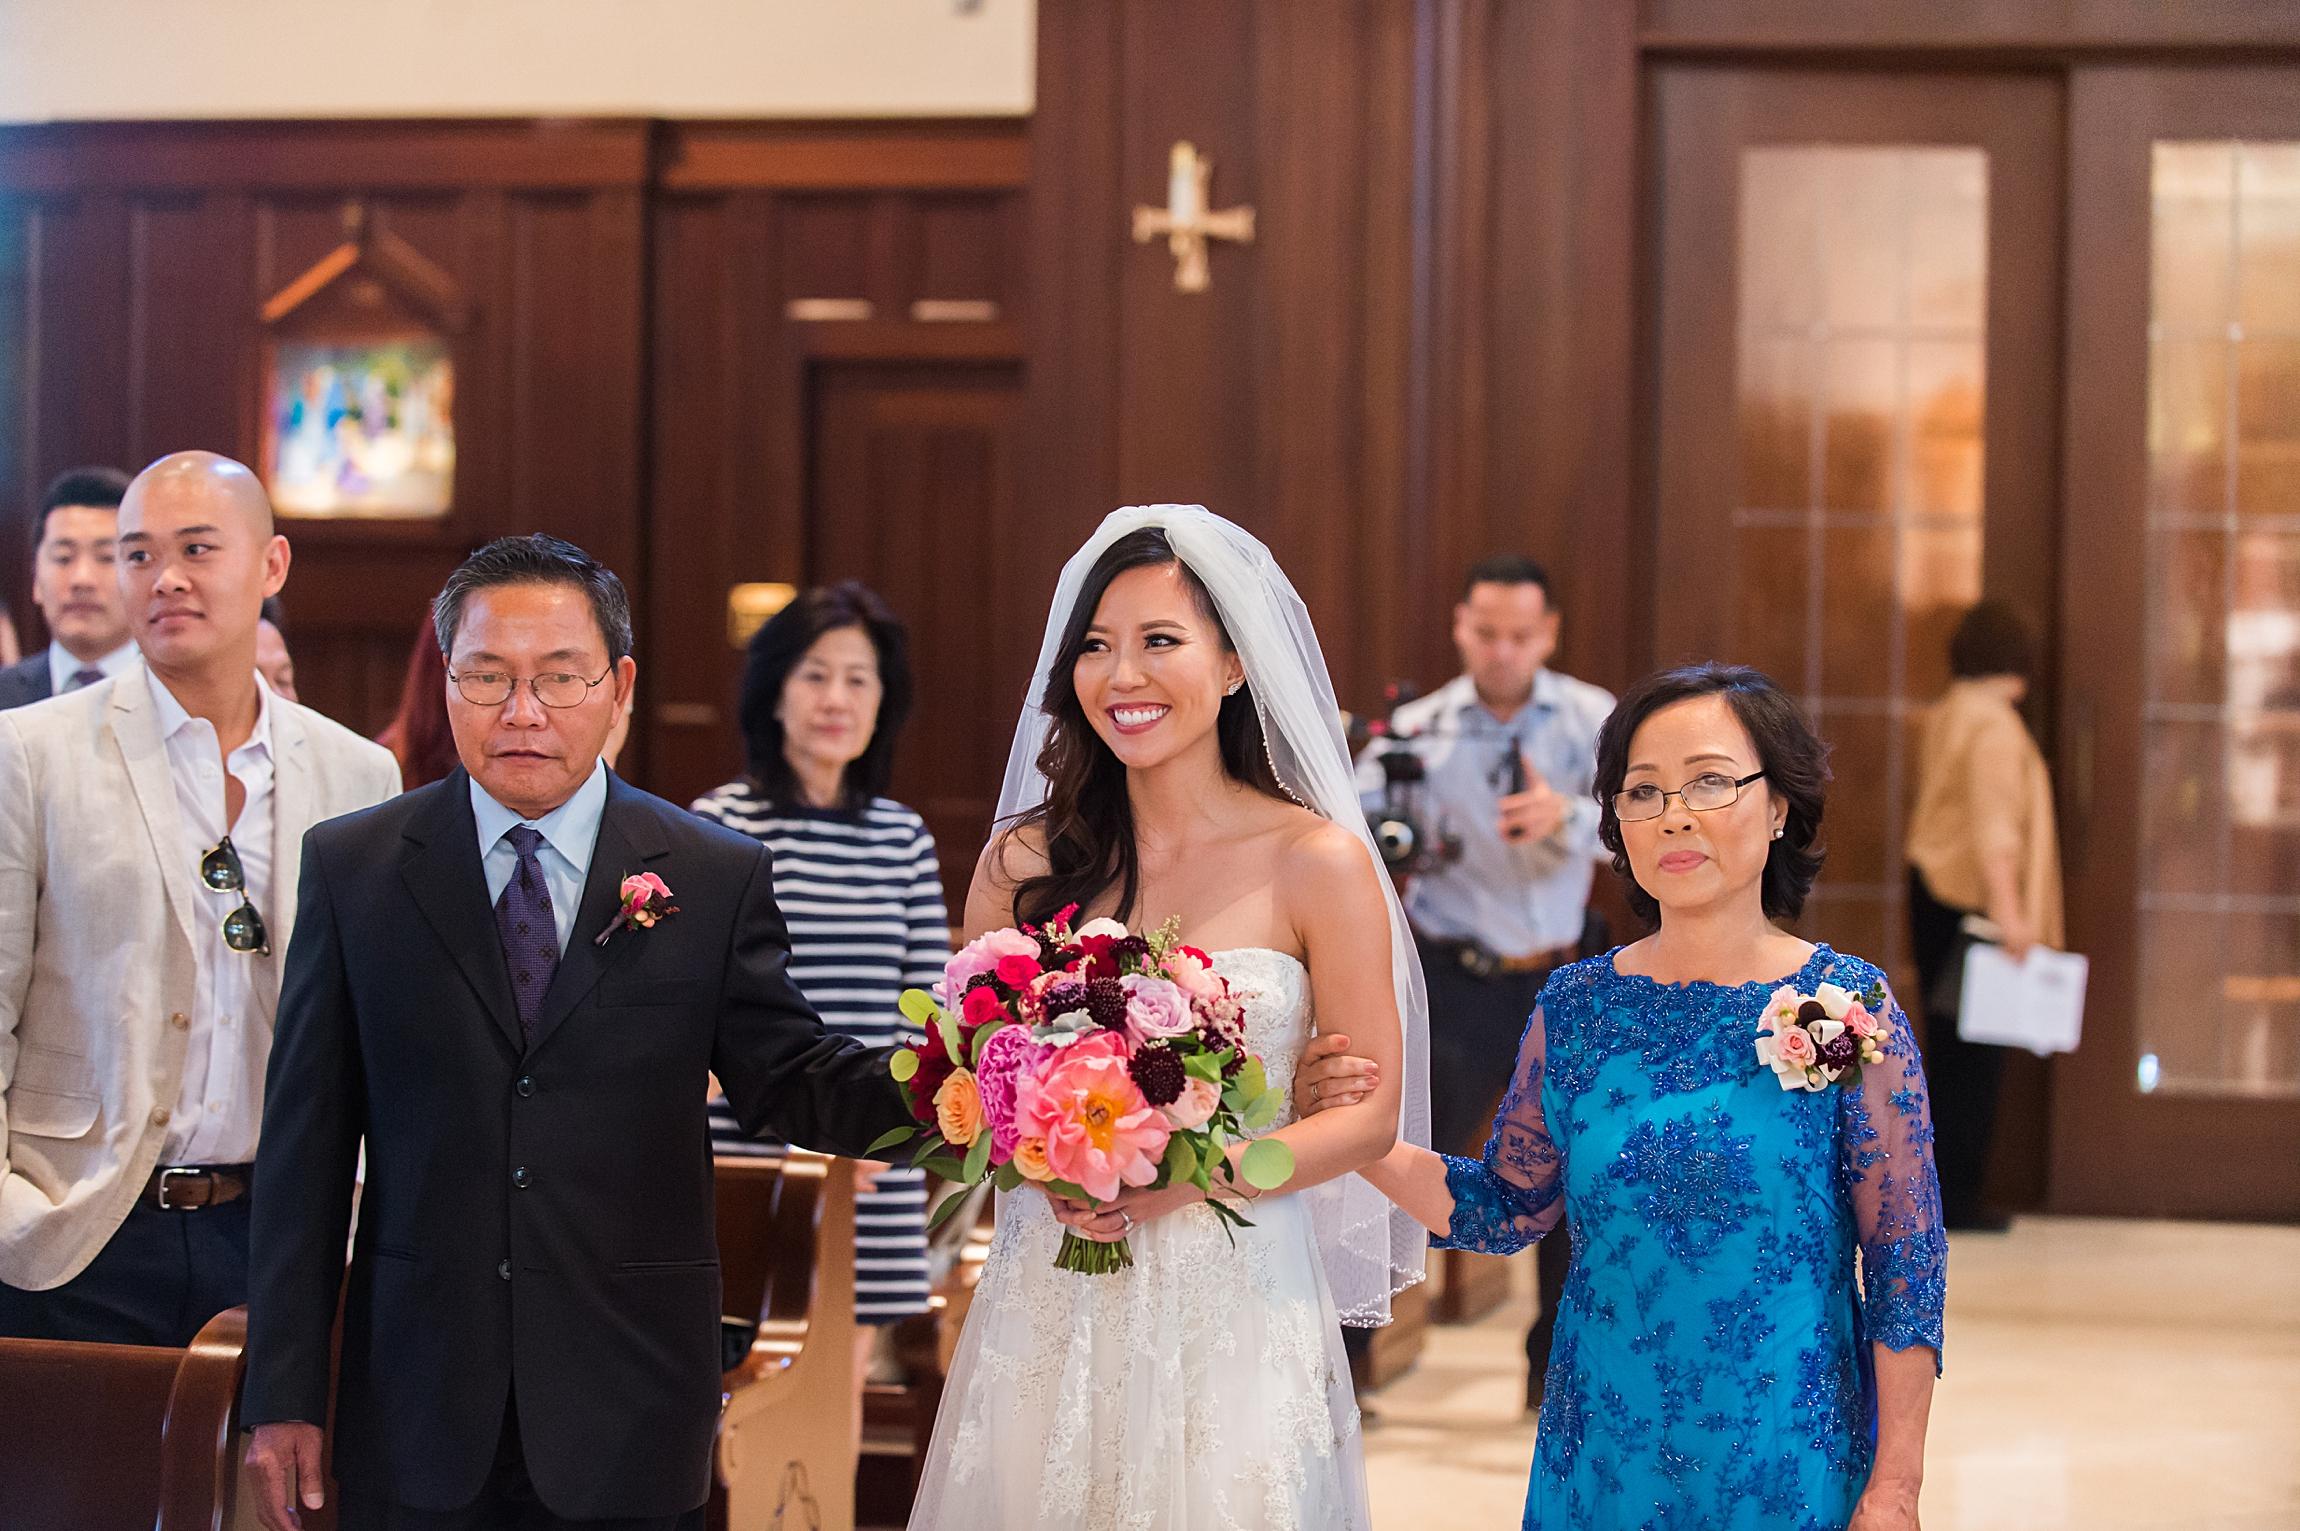 20160625-06-ceremony-43_web